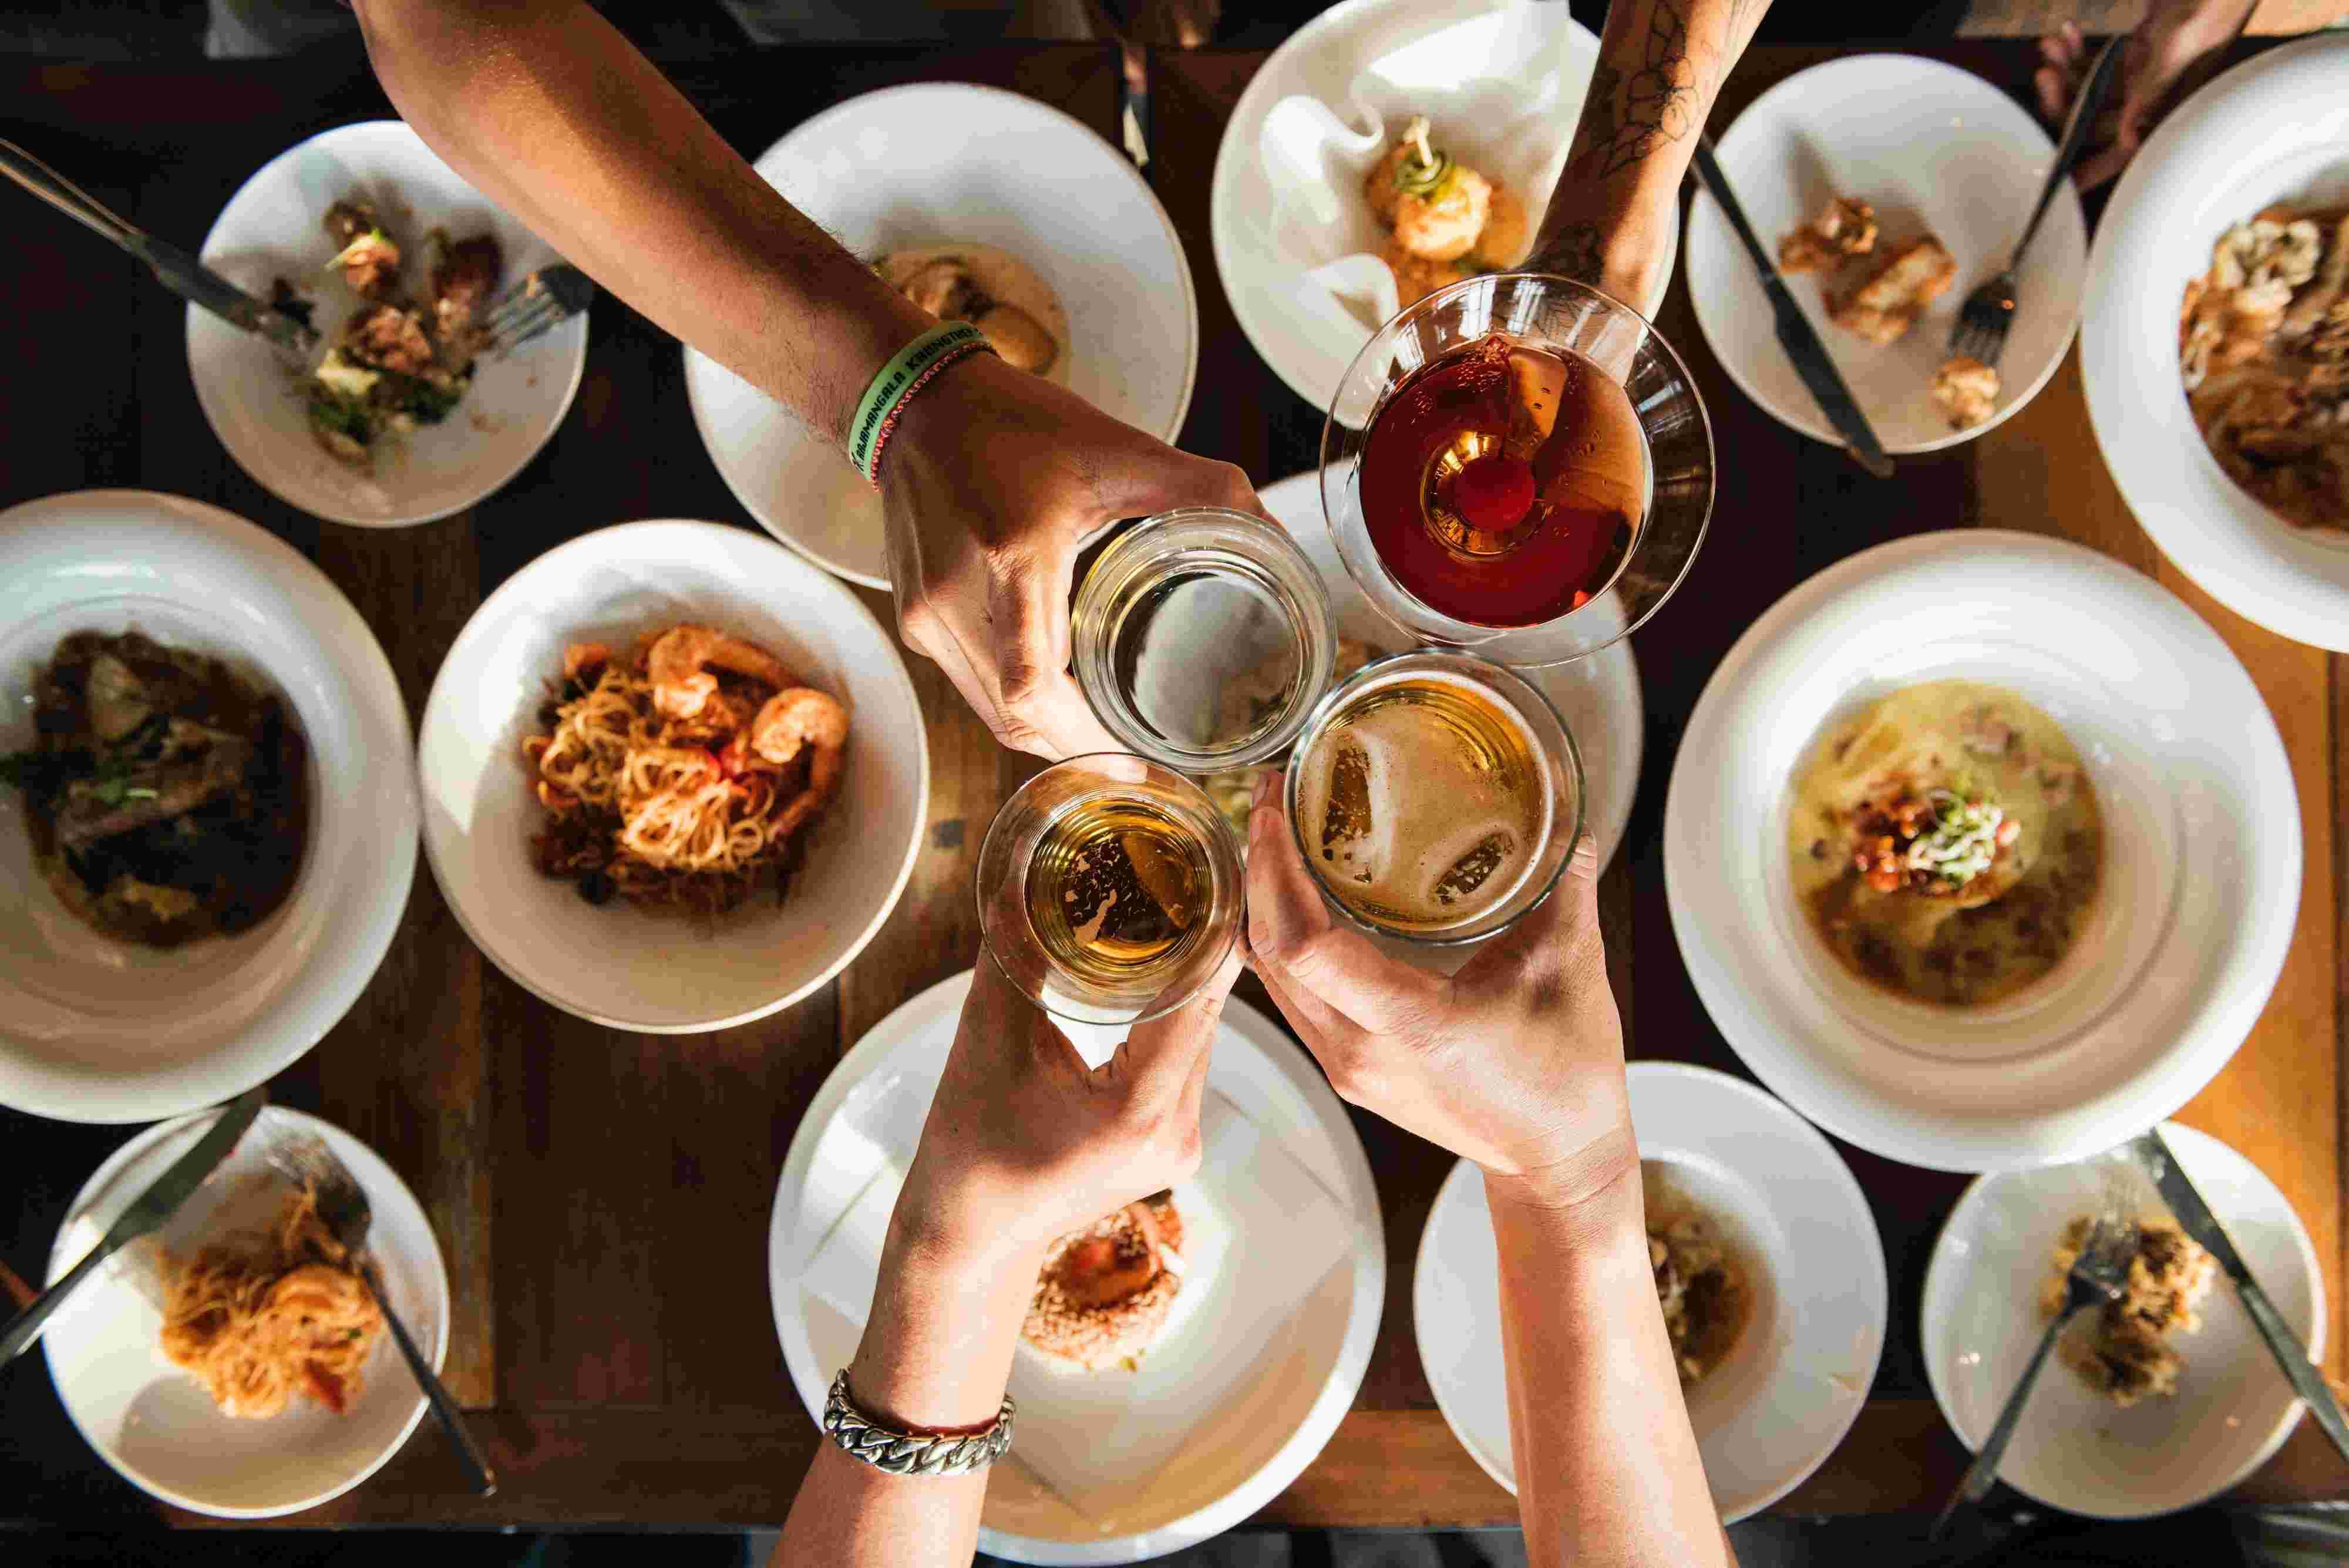 研究表明戒酒可以改善宋南男人的精神健康和健康生活质量